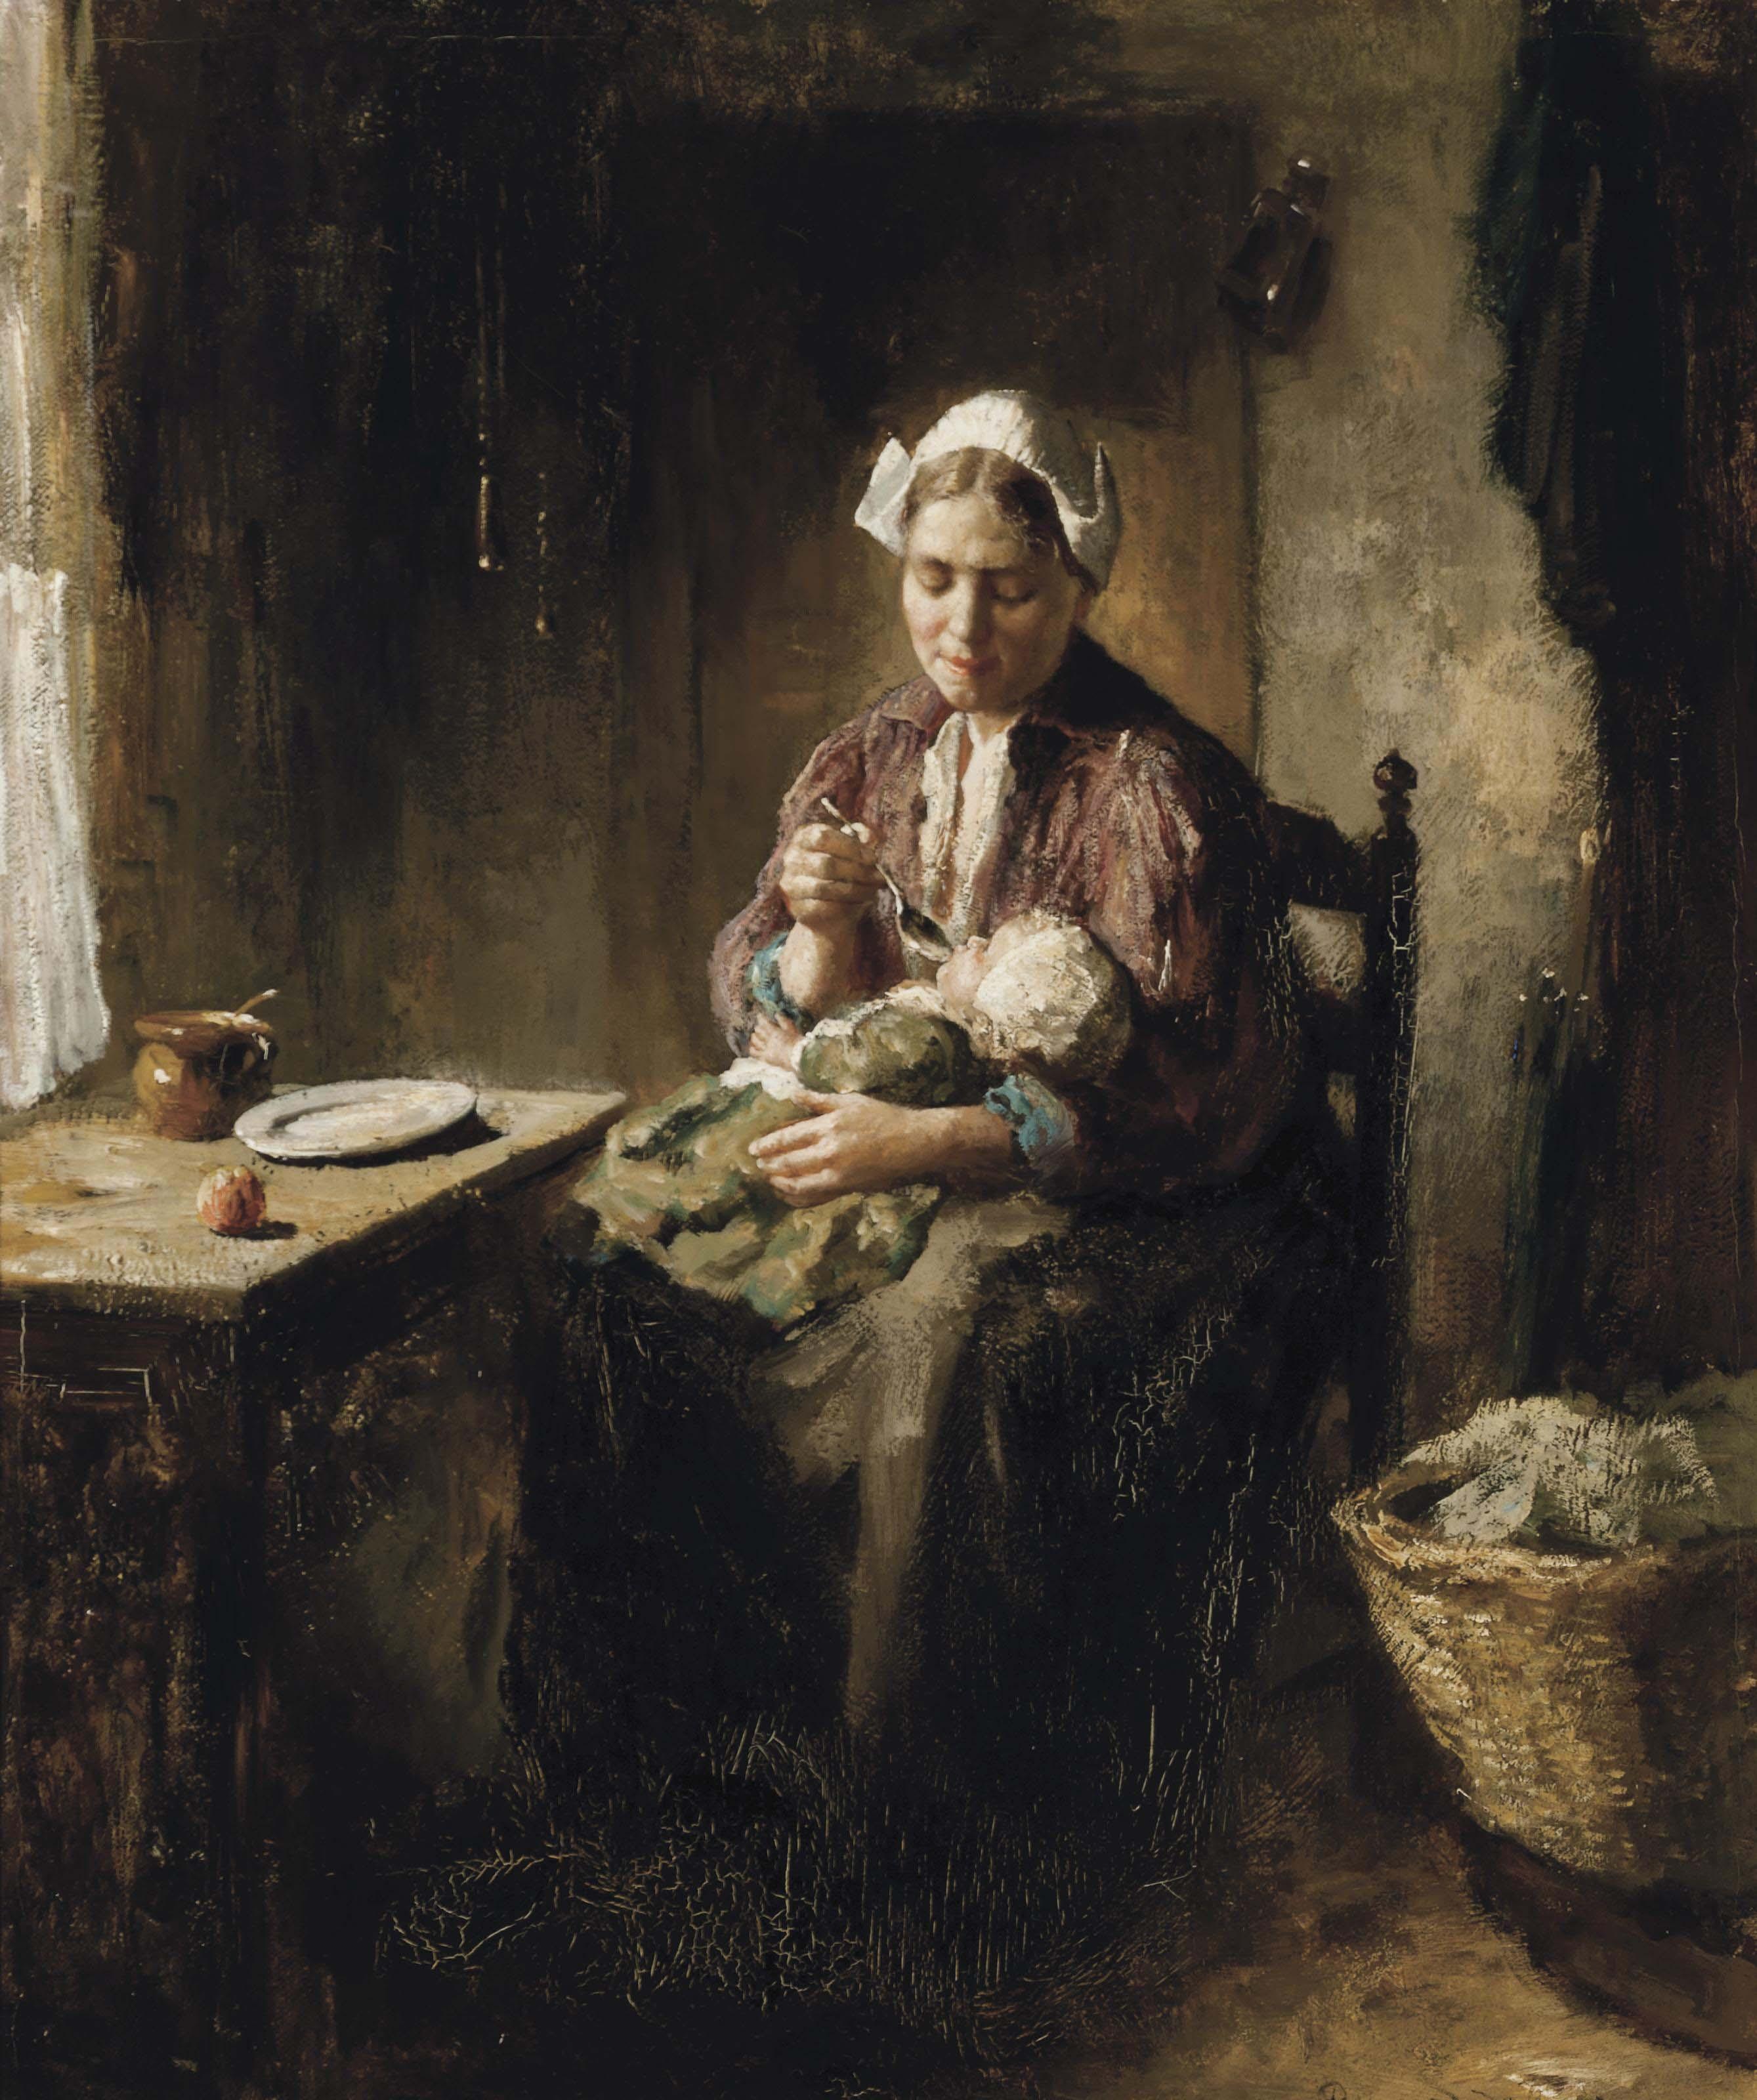 Bernard de Hoog (Dutch, 1867-1